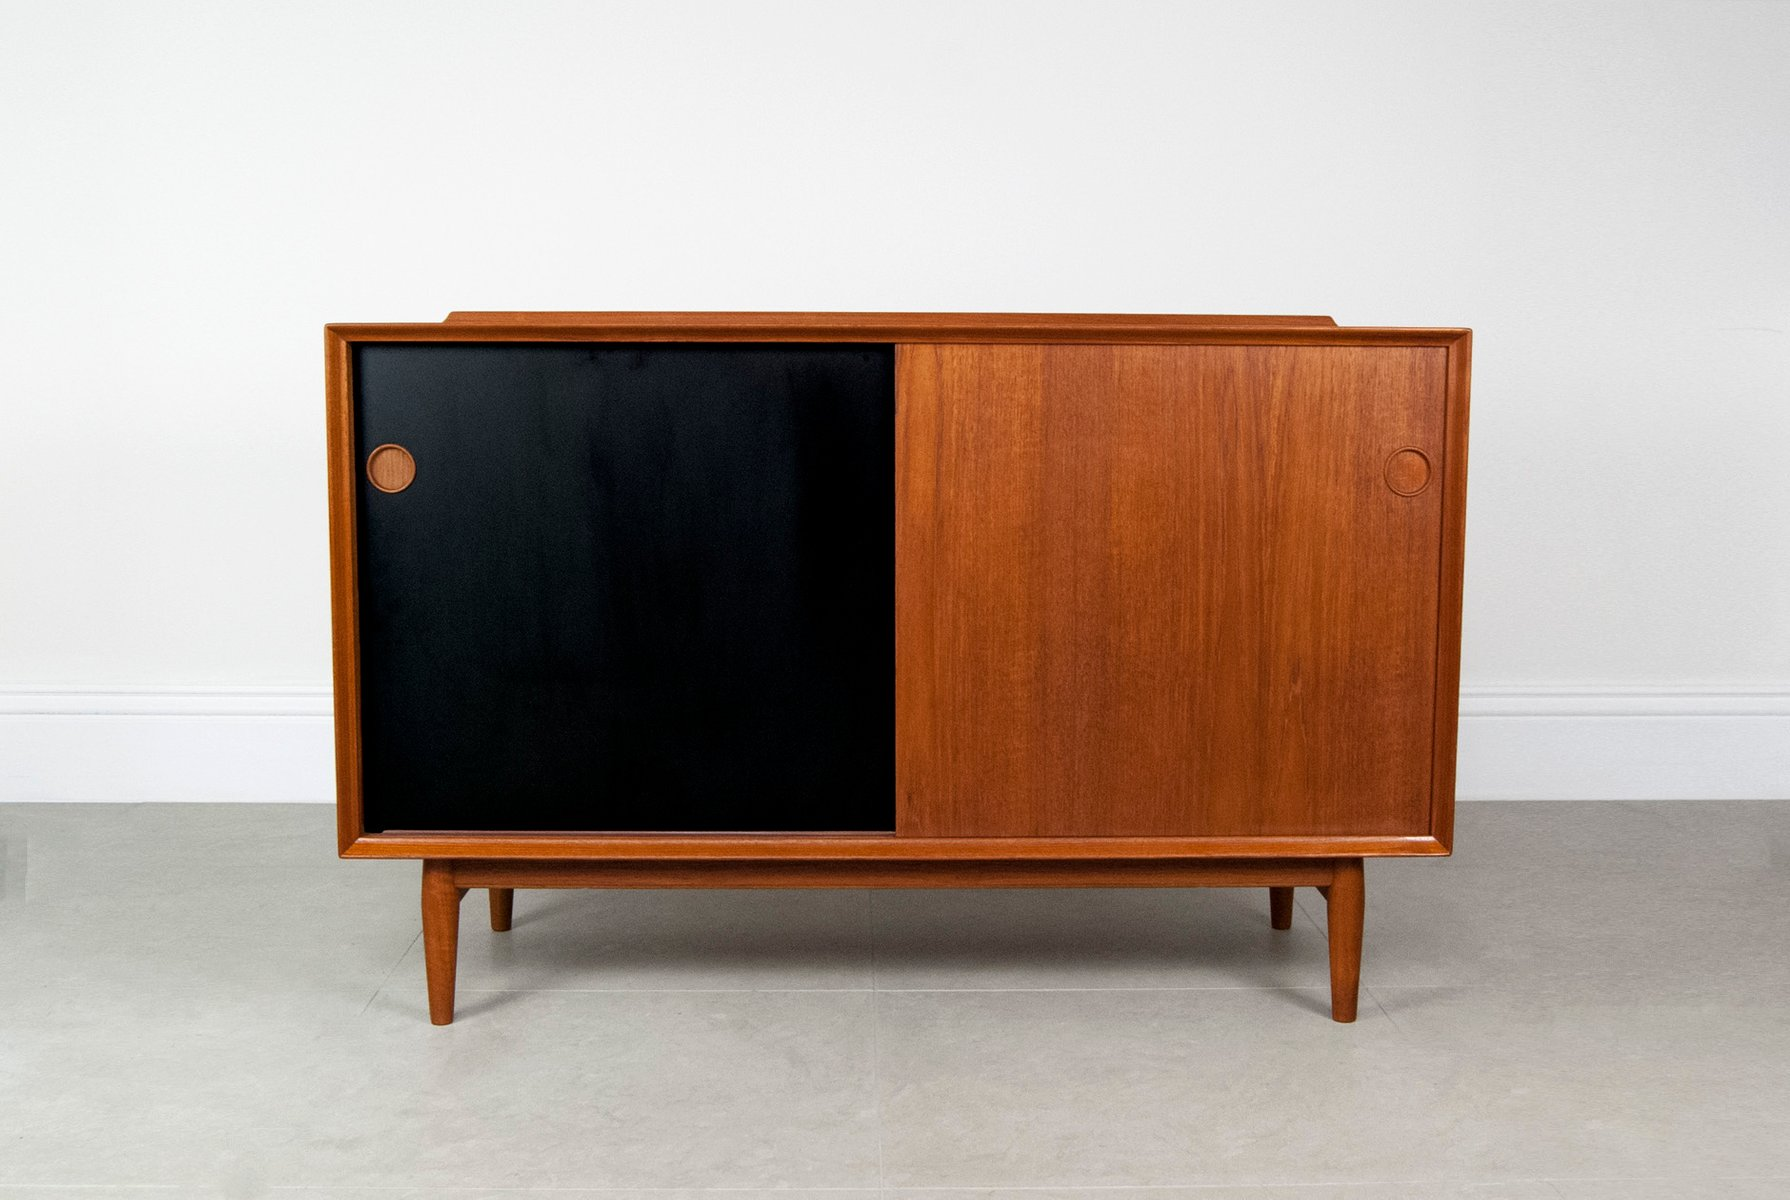 vintage danish teak sideboard by arne vodder for sibast for sale at pamono. Black Bedroom Furniture Sets. Home Design Ideas